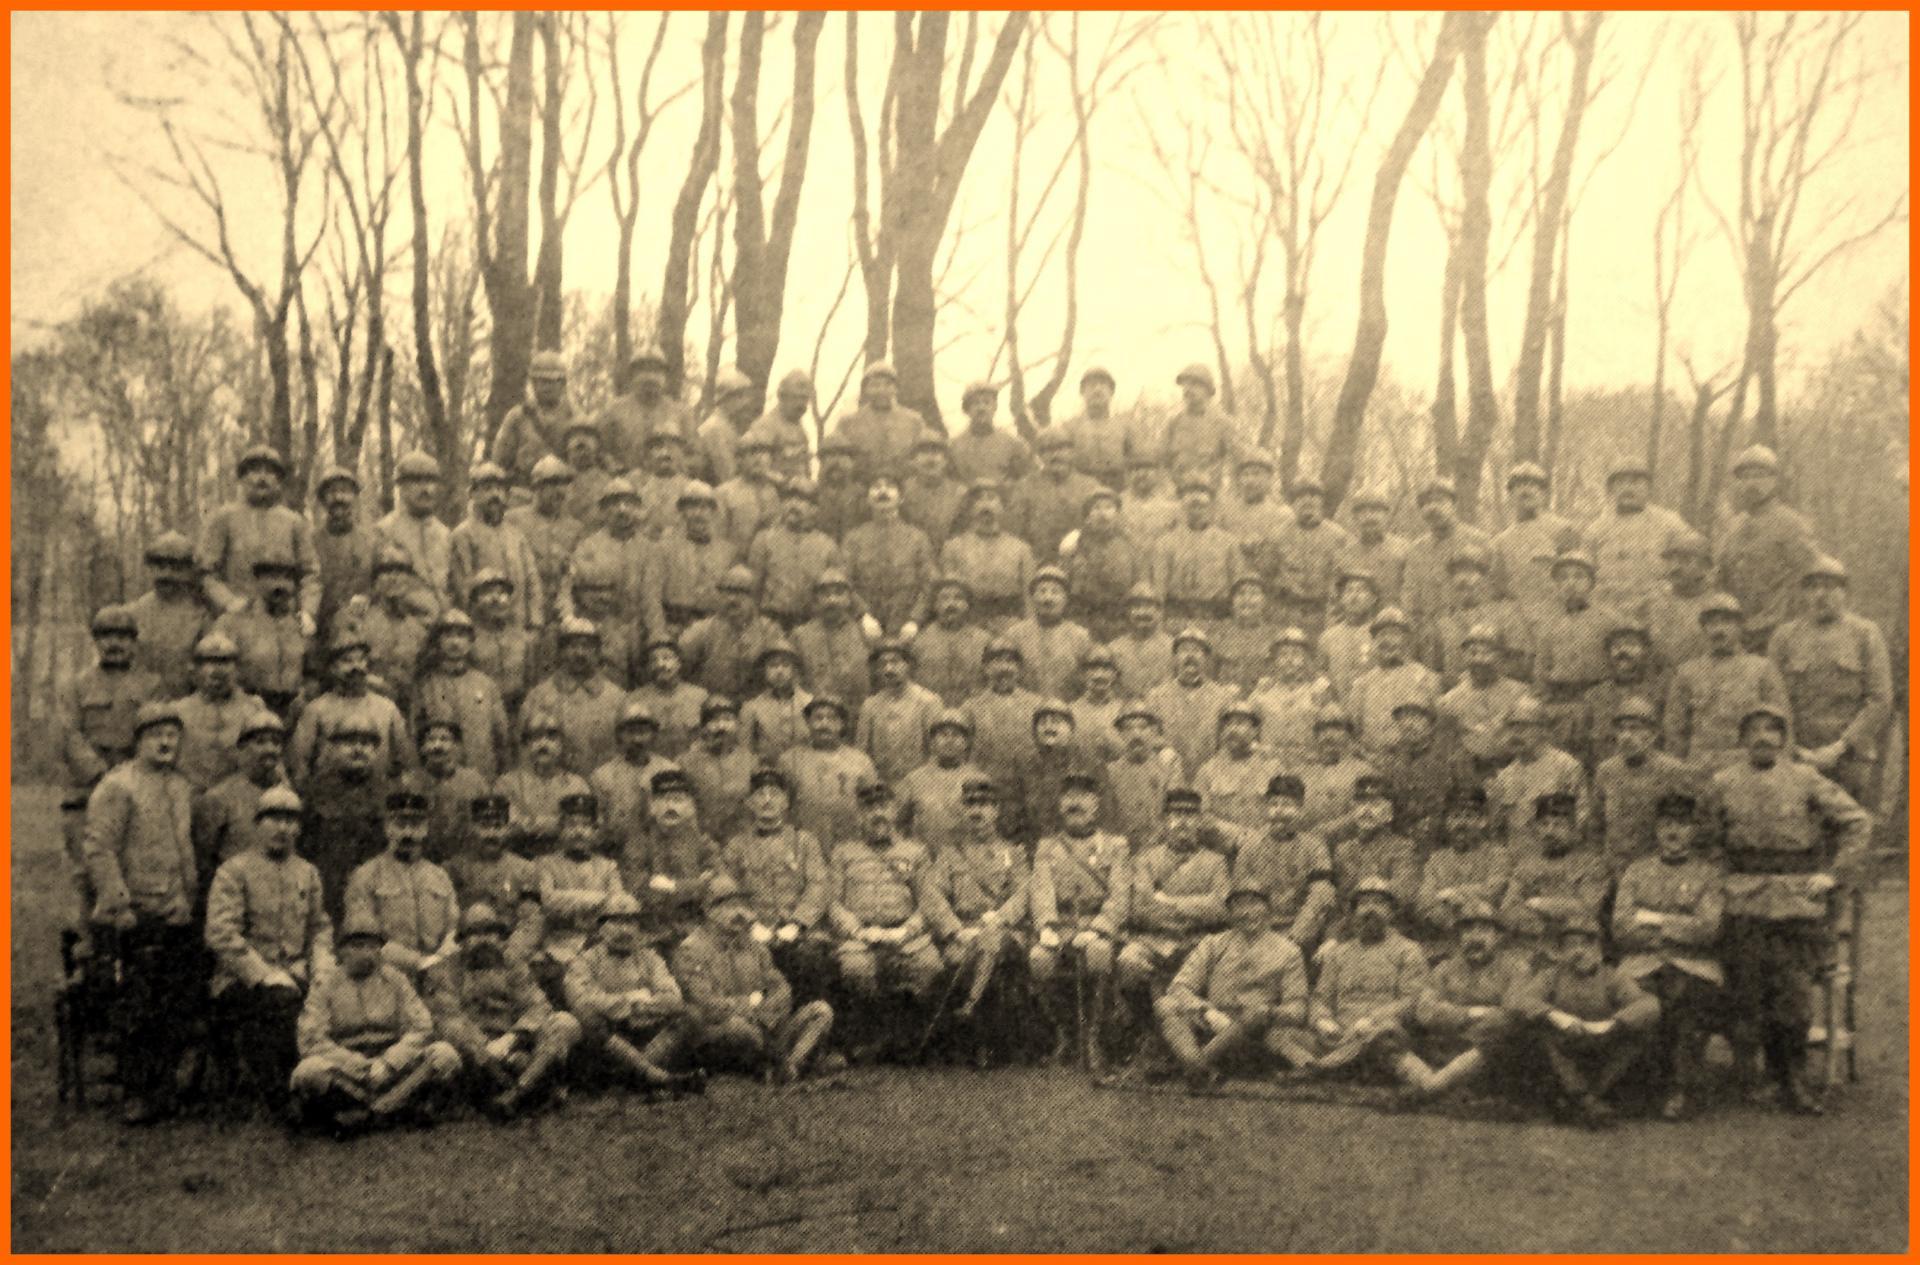 Calais 14 18 la compagnie des sapeurs pompiers de calais pendant la guerre 14 encadre